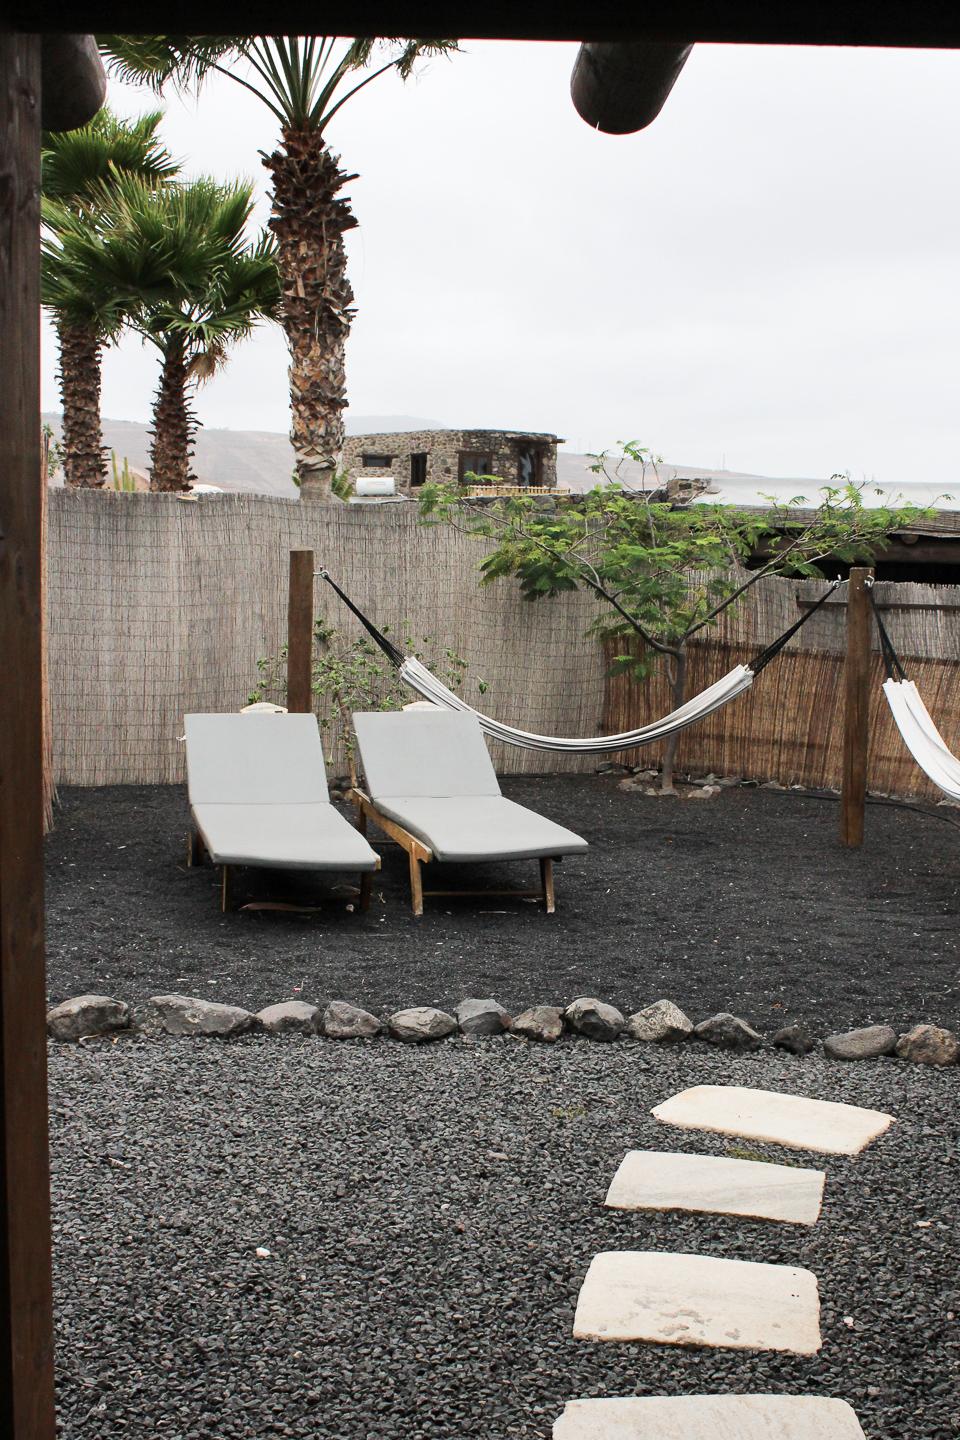 Eco Cabin Garden at Finca de Arrieta